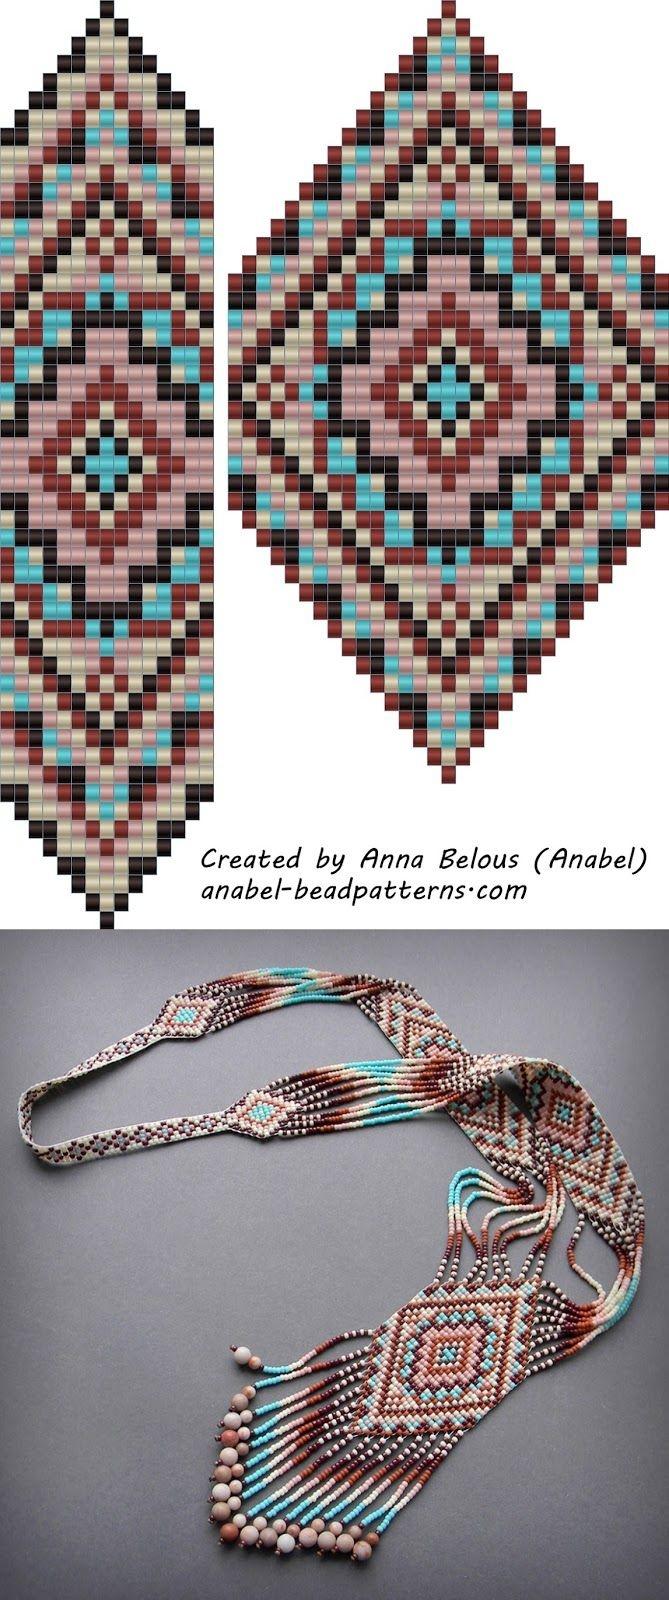 Free Bead Patterns Split Loom Necklace Beadwork Beadweaving - Free Printable Loom Bracelet Patterns